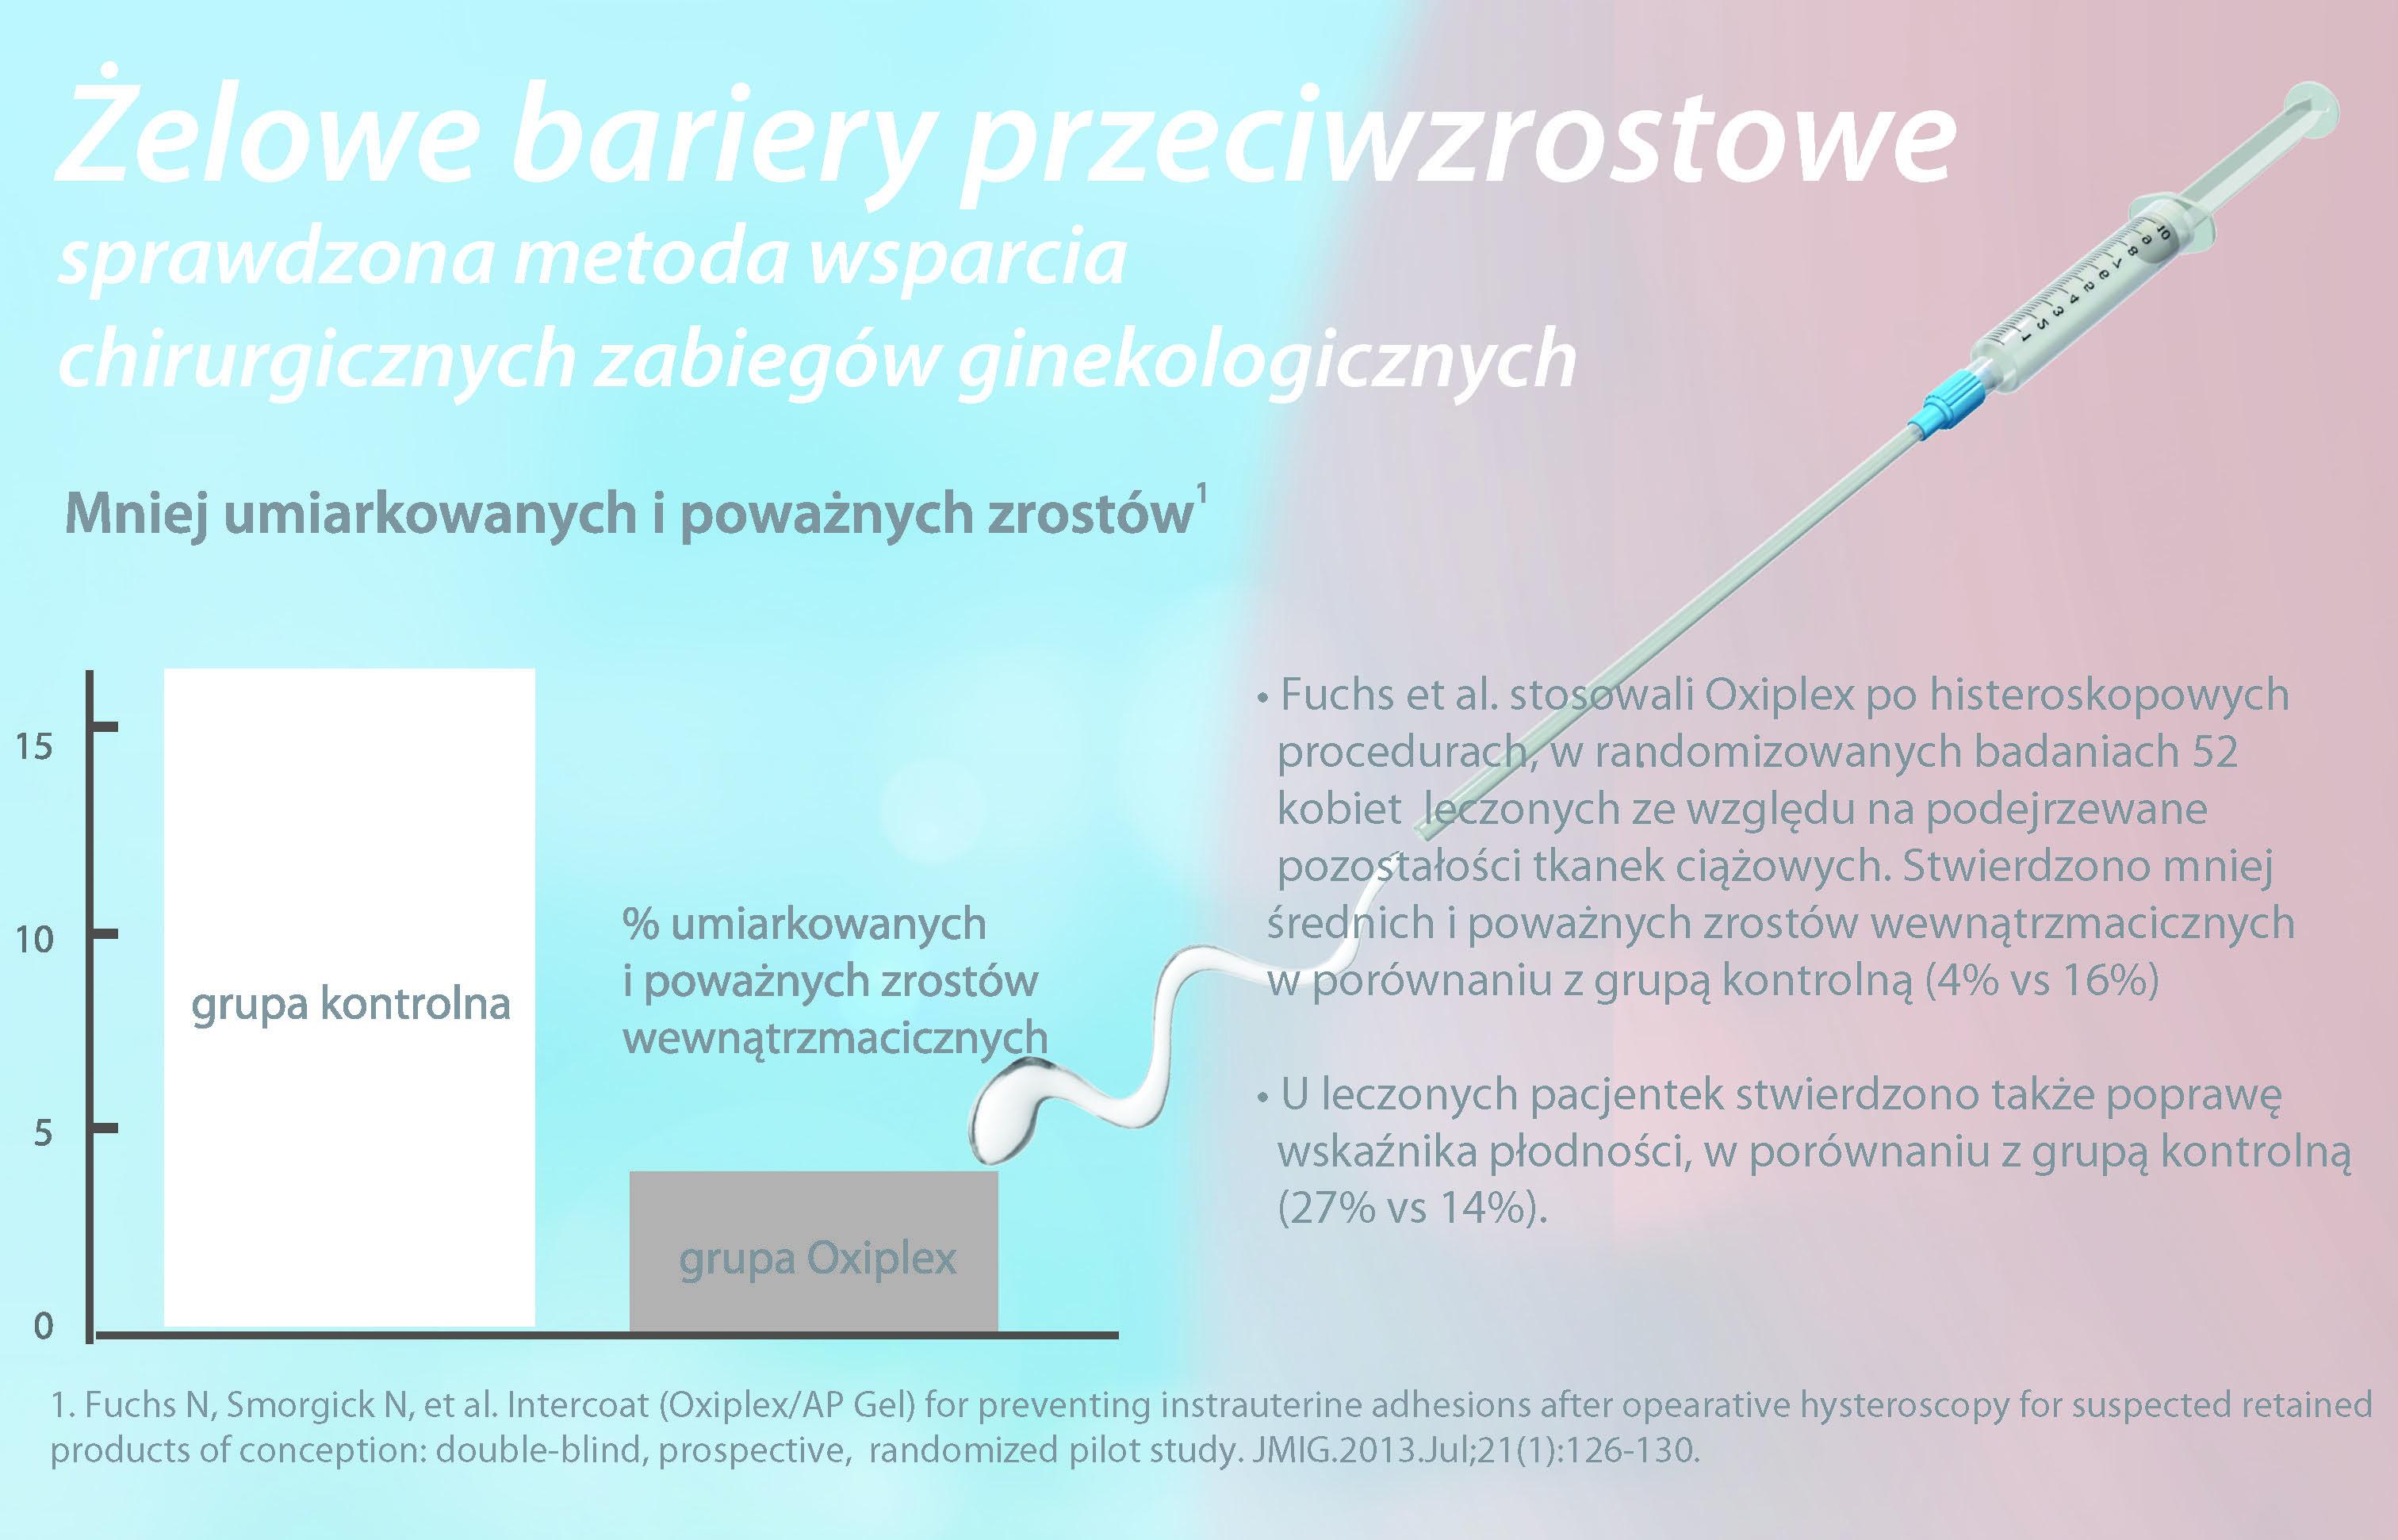 oxiplex obrazek do artykułu